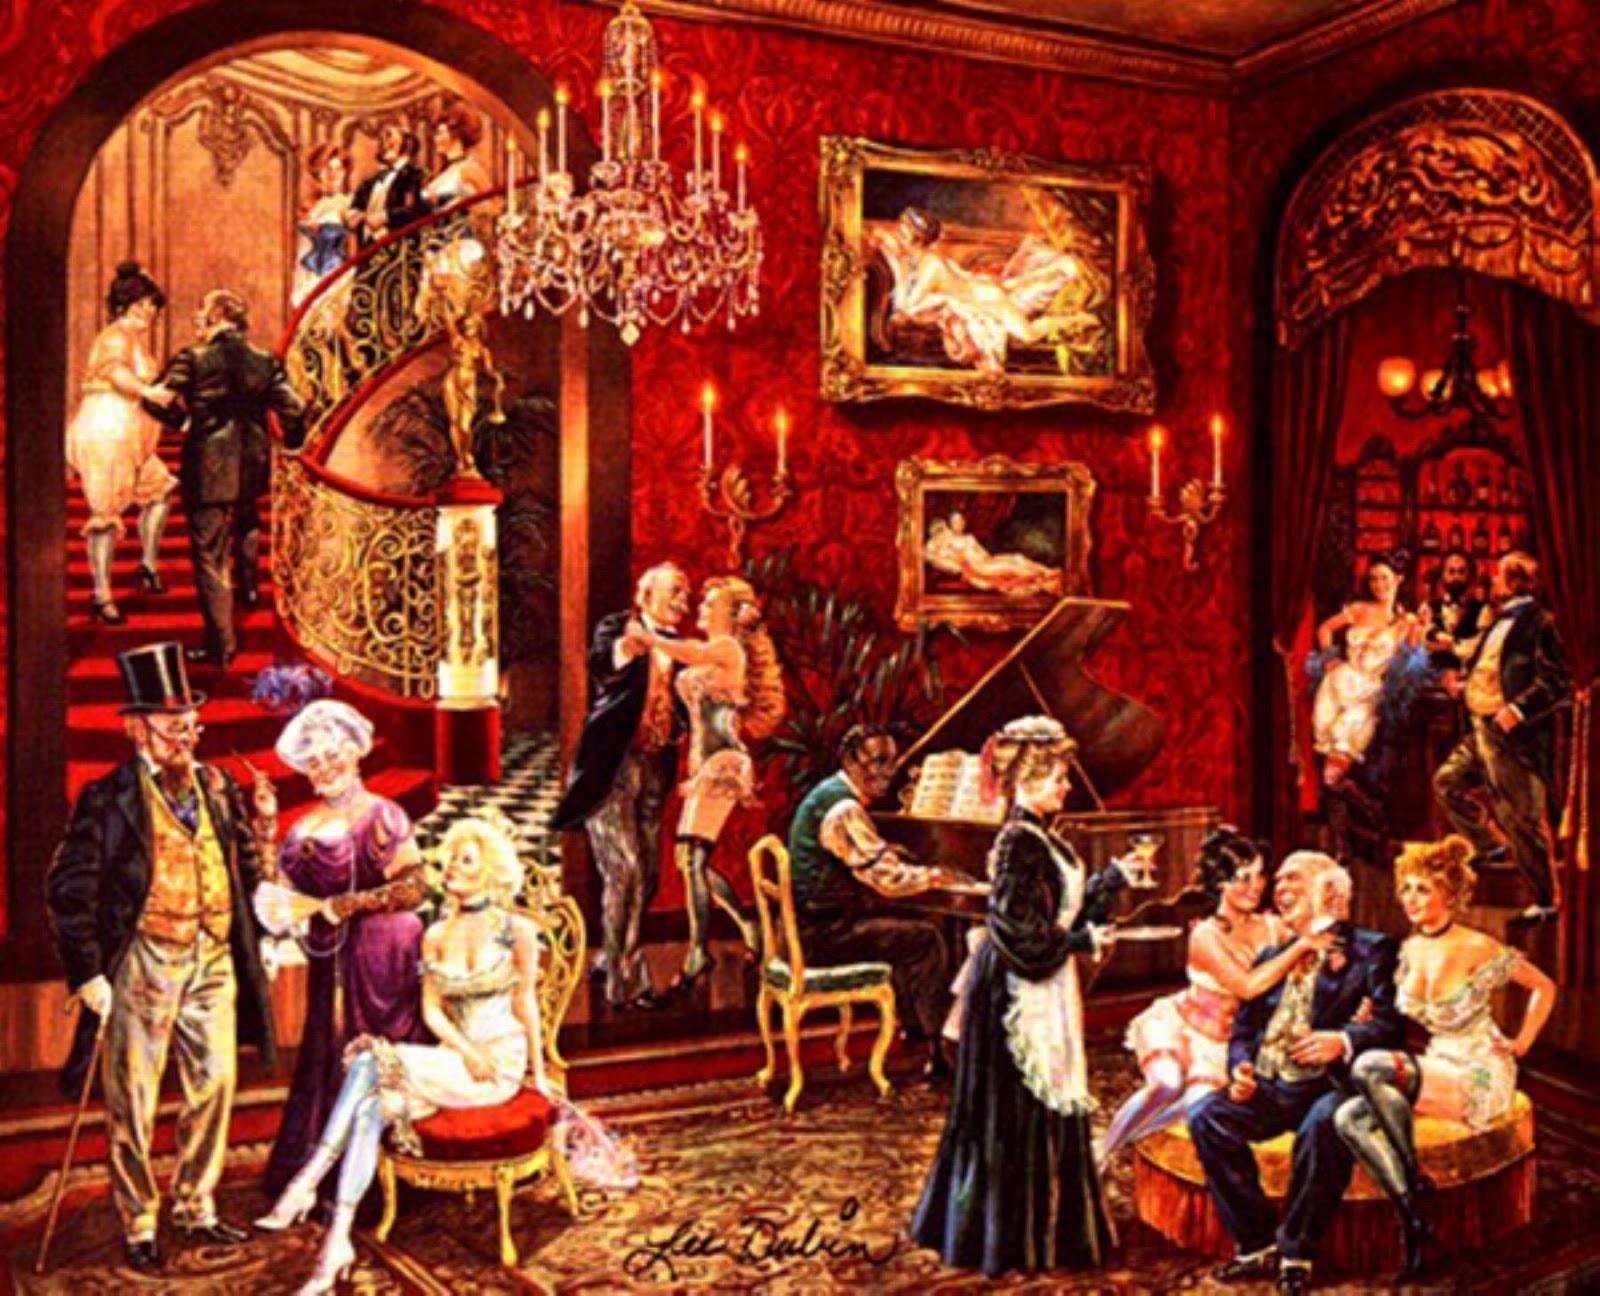 Картинки по запросу бордель 19 век